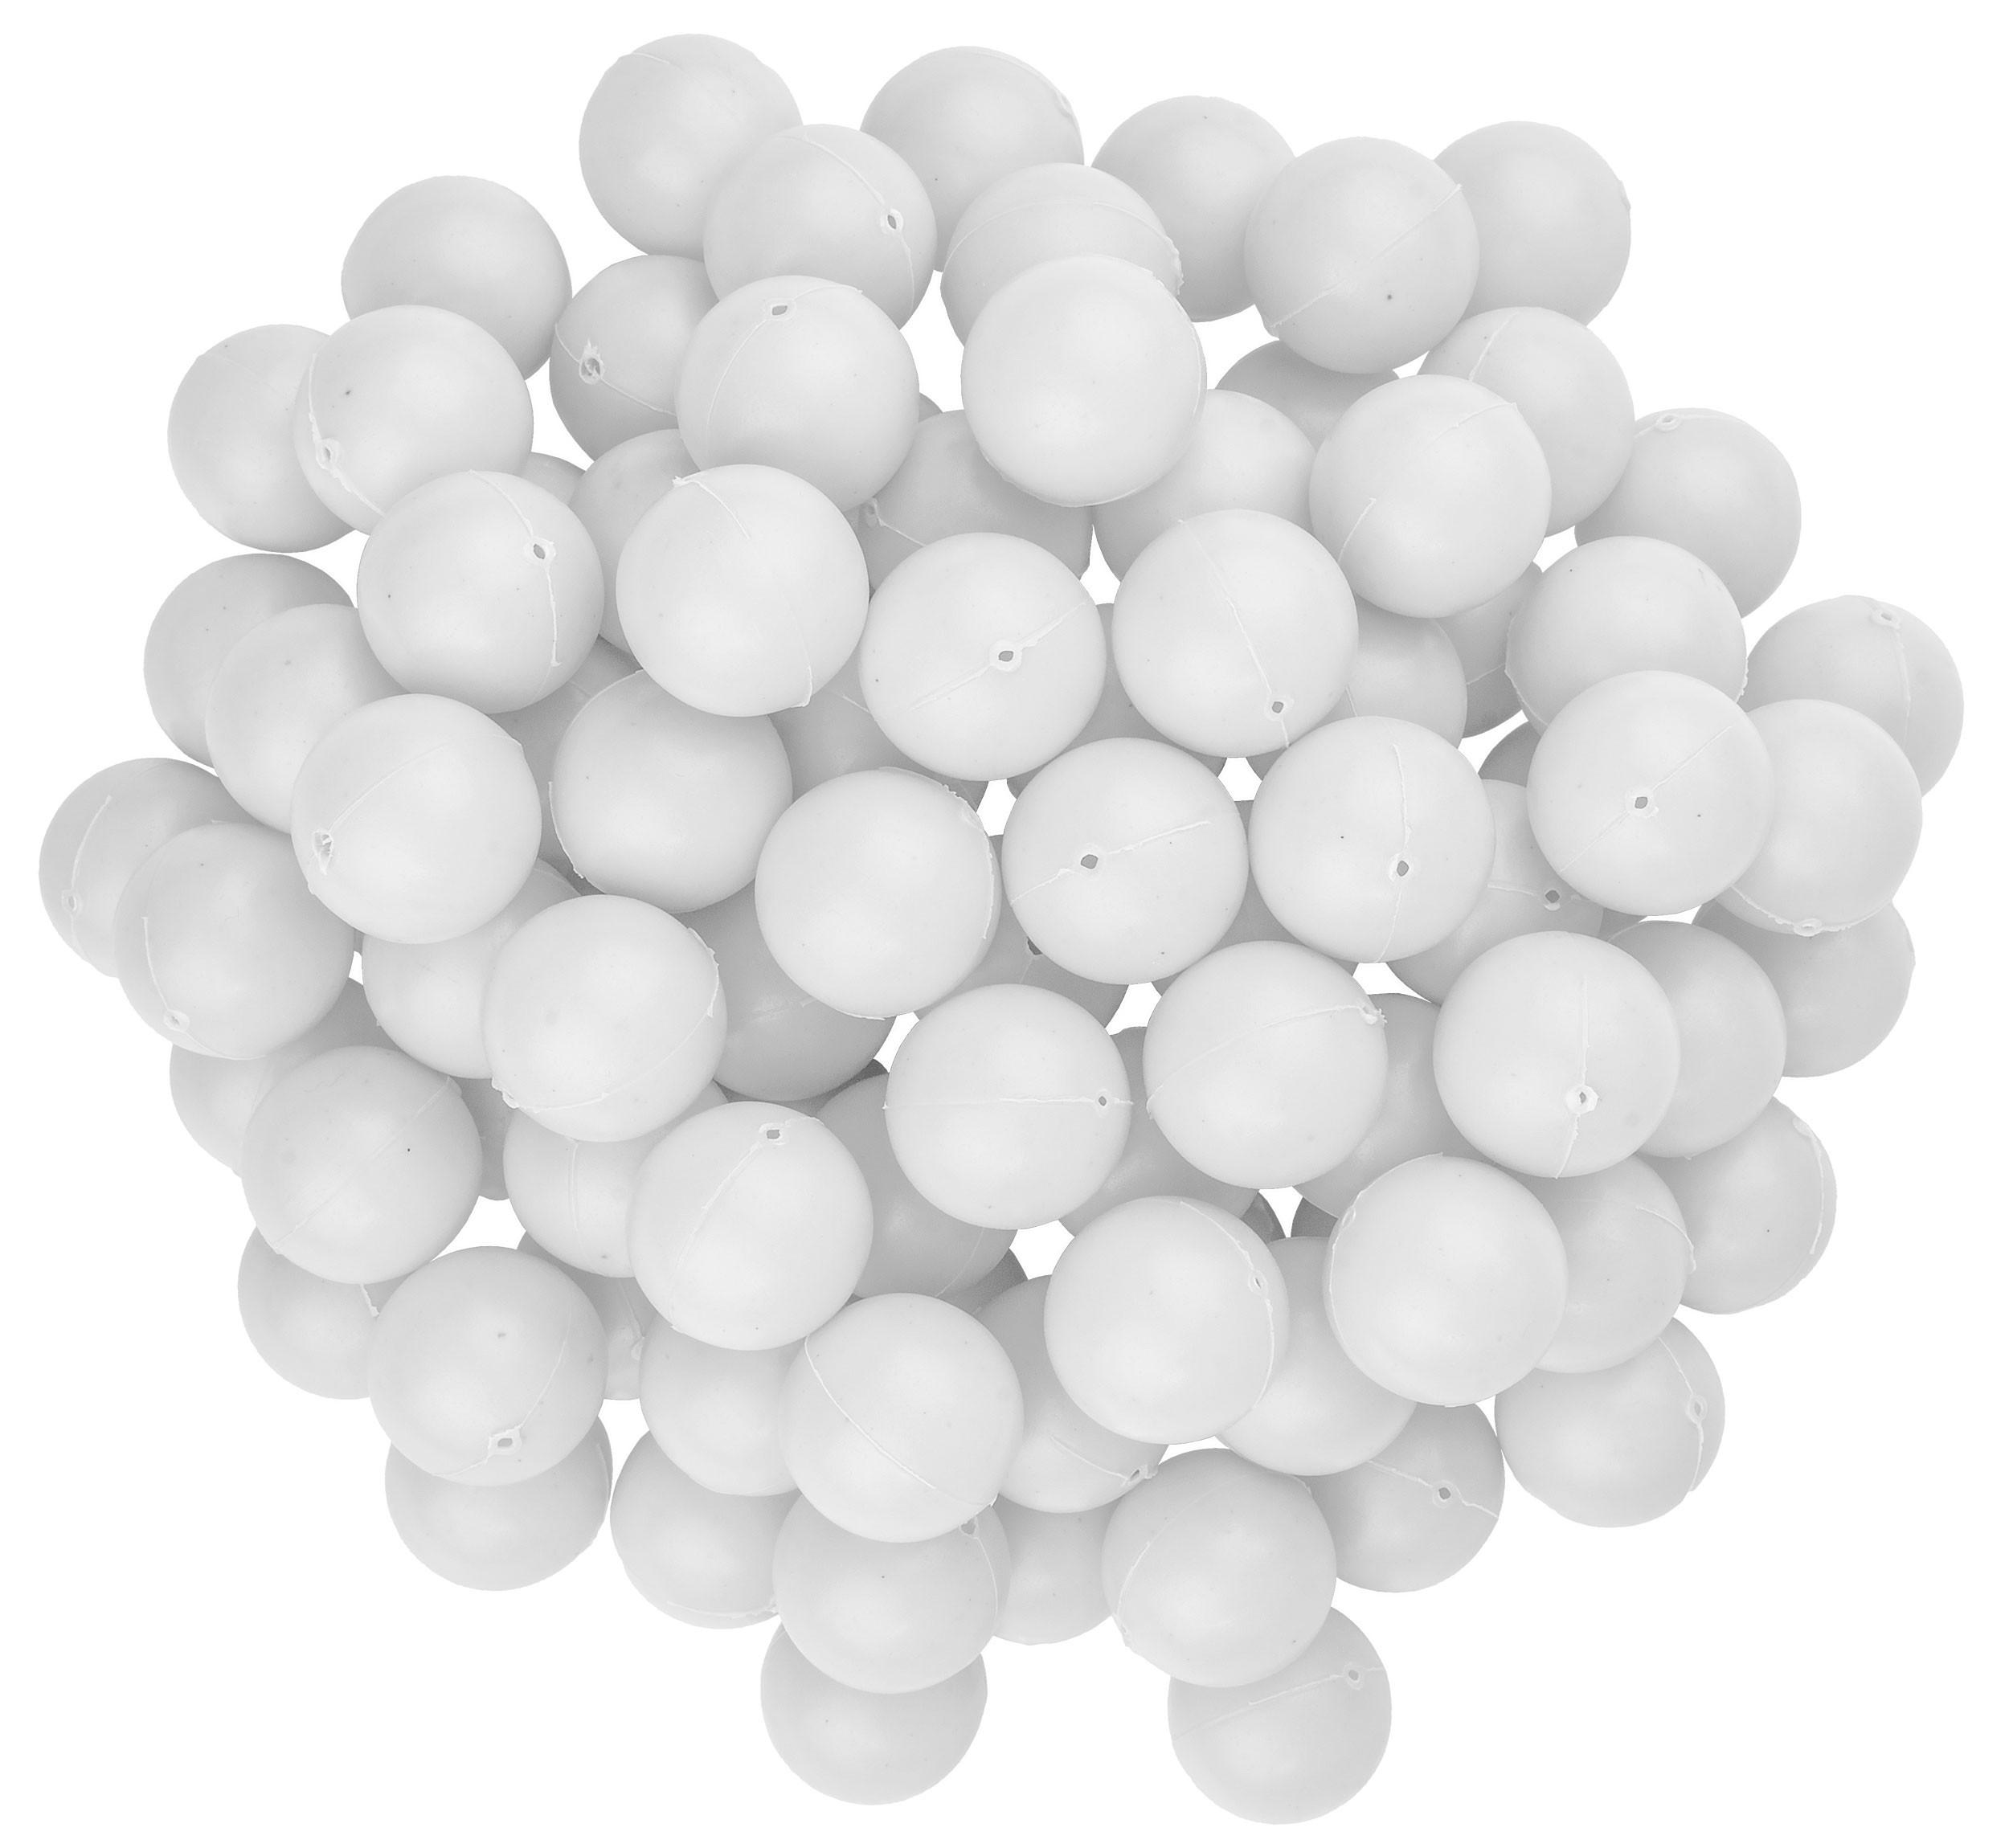 White Mini Beer Pong Balls